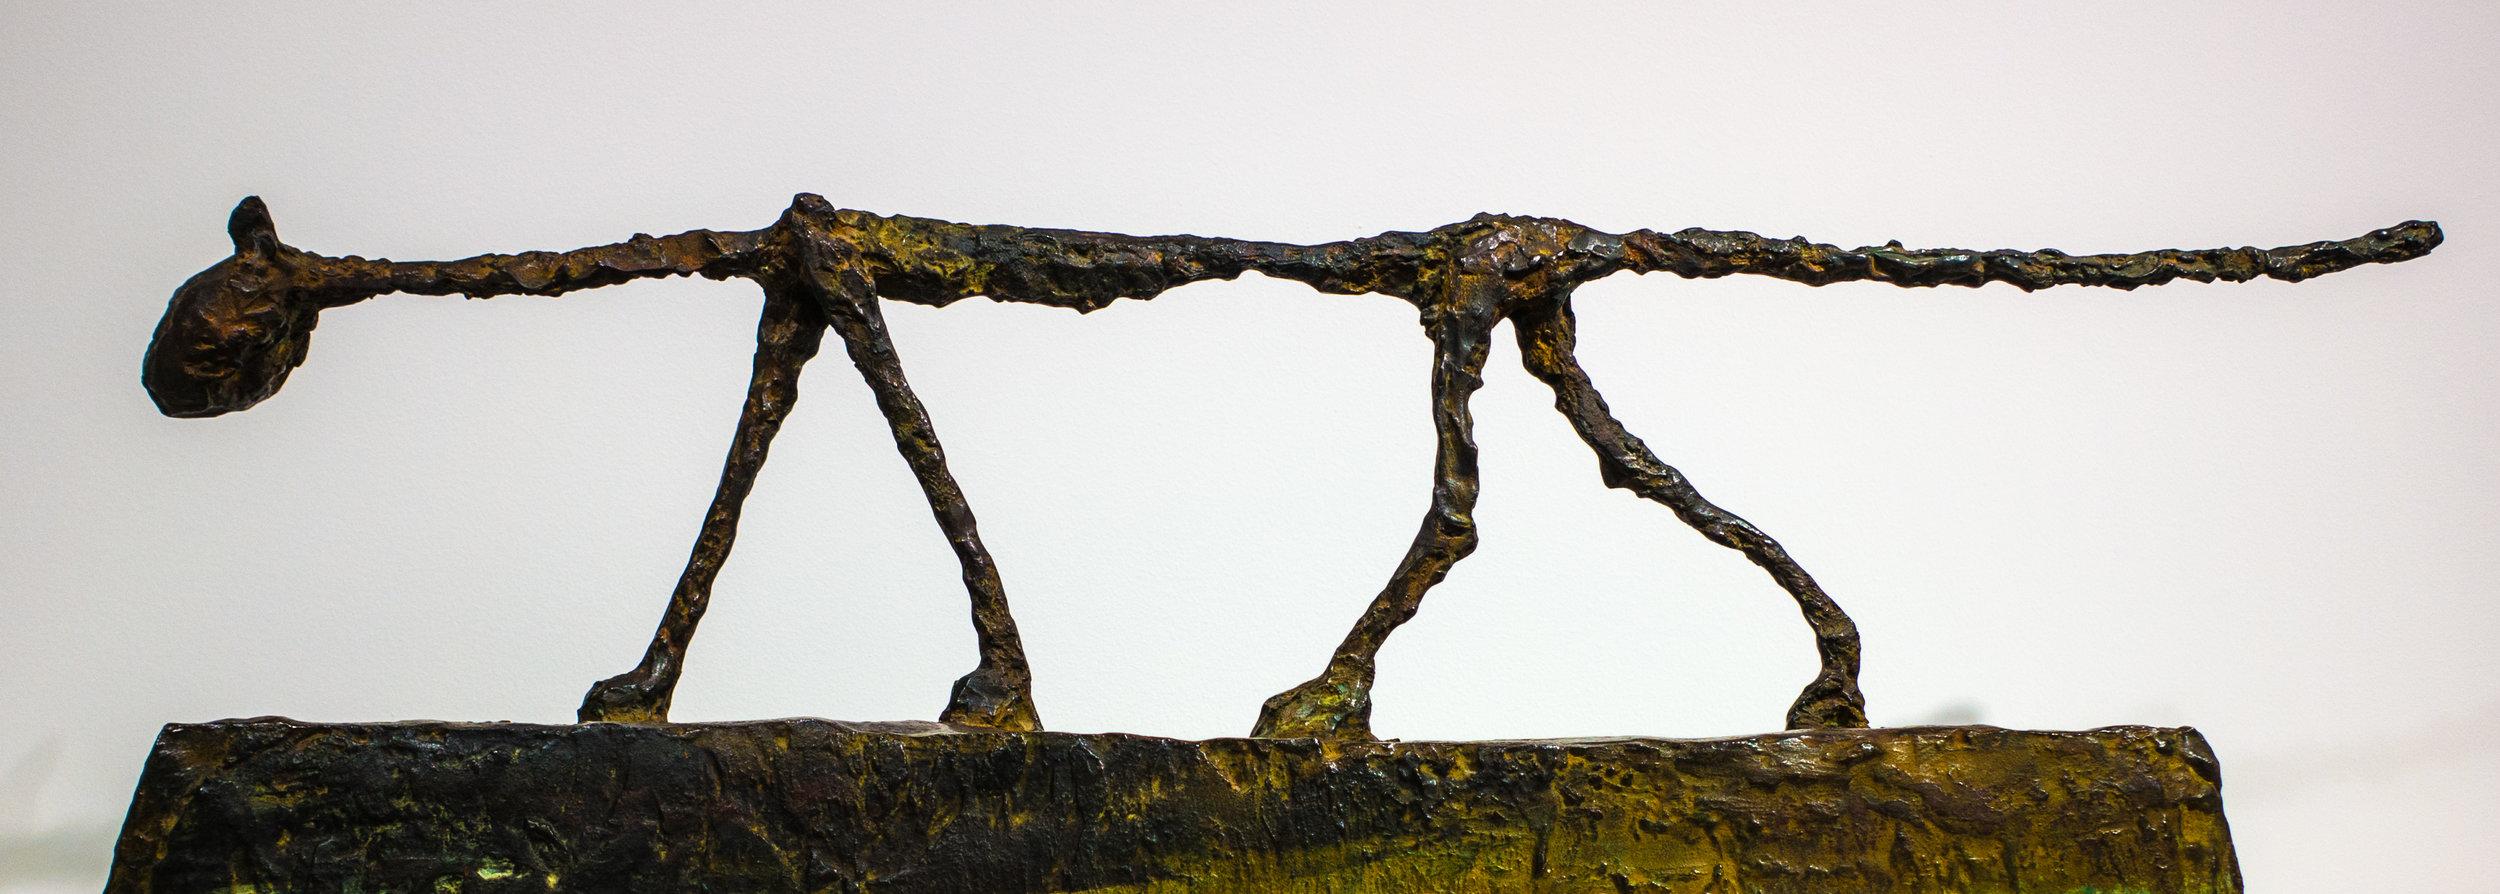 Alberto Giacometti sculpture